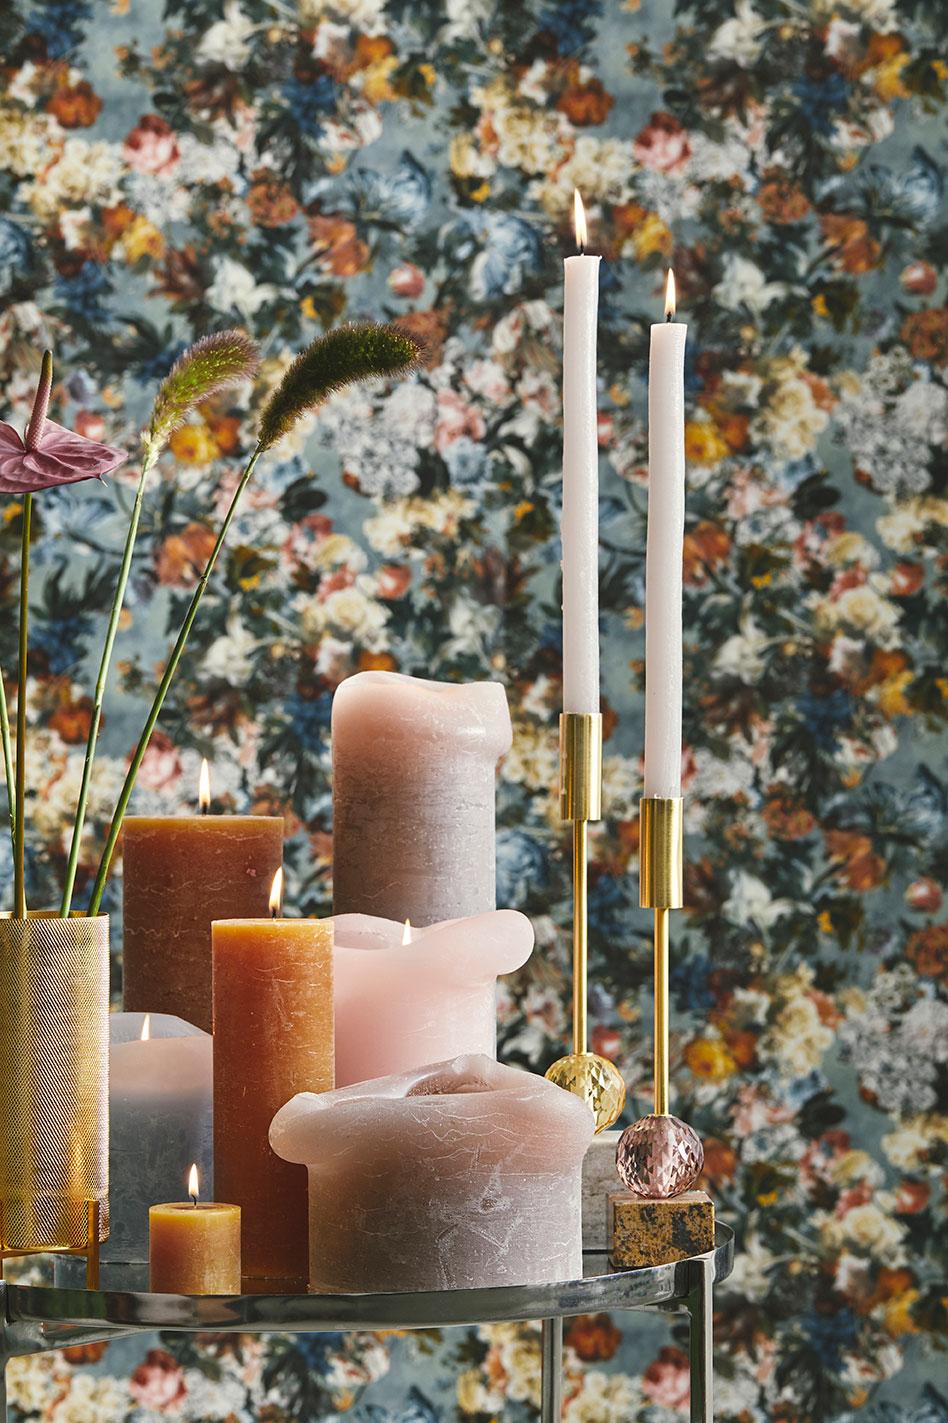 Høeg-+-Møller-18.11.12-Cozy-Living-Deres-studio1584.jpg